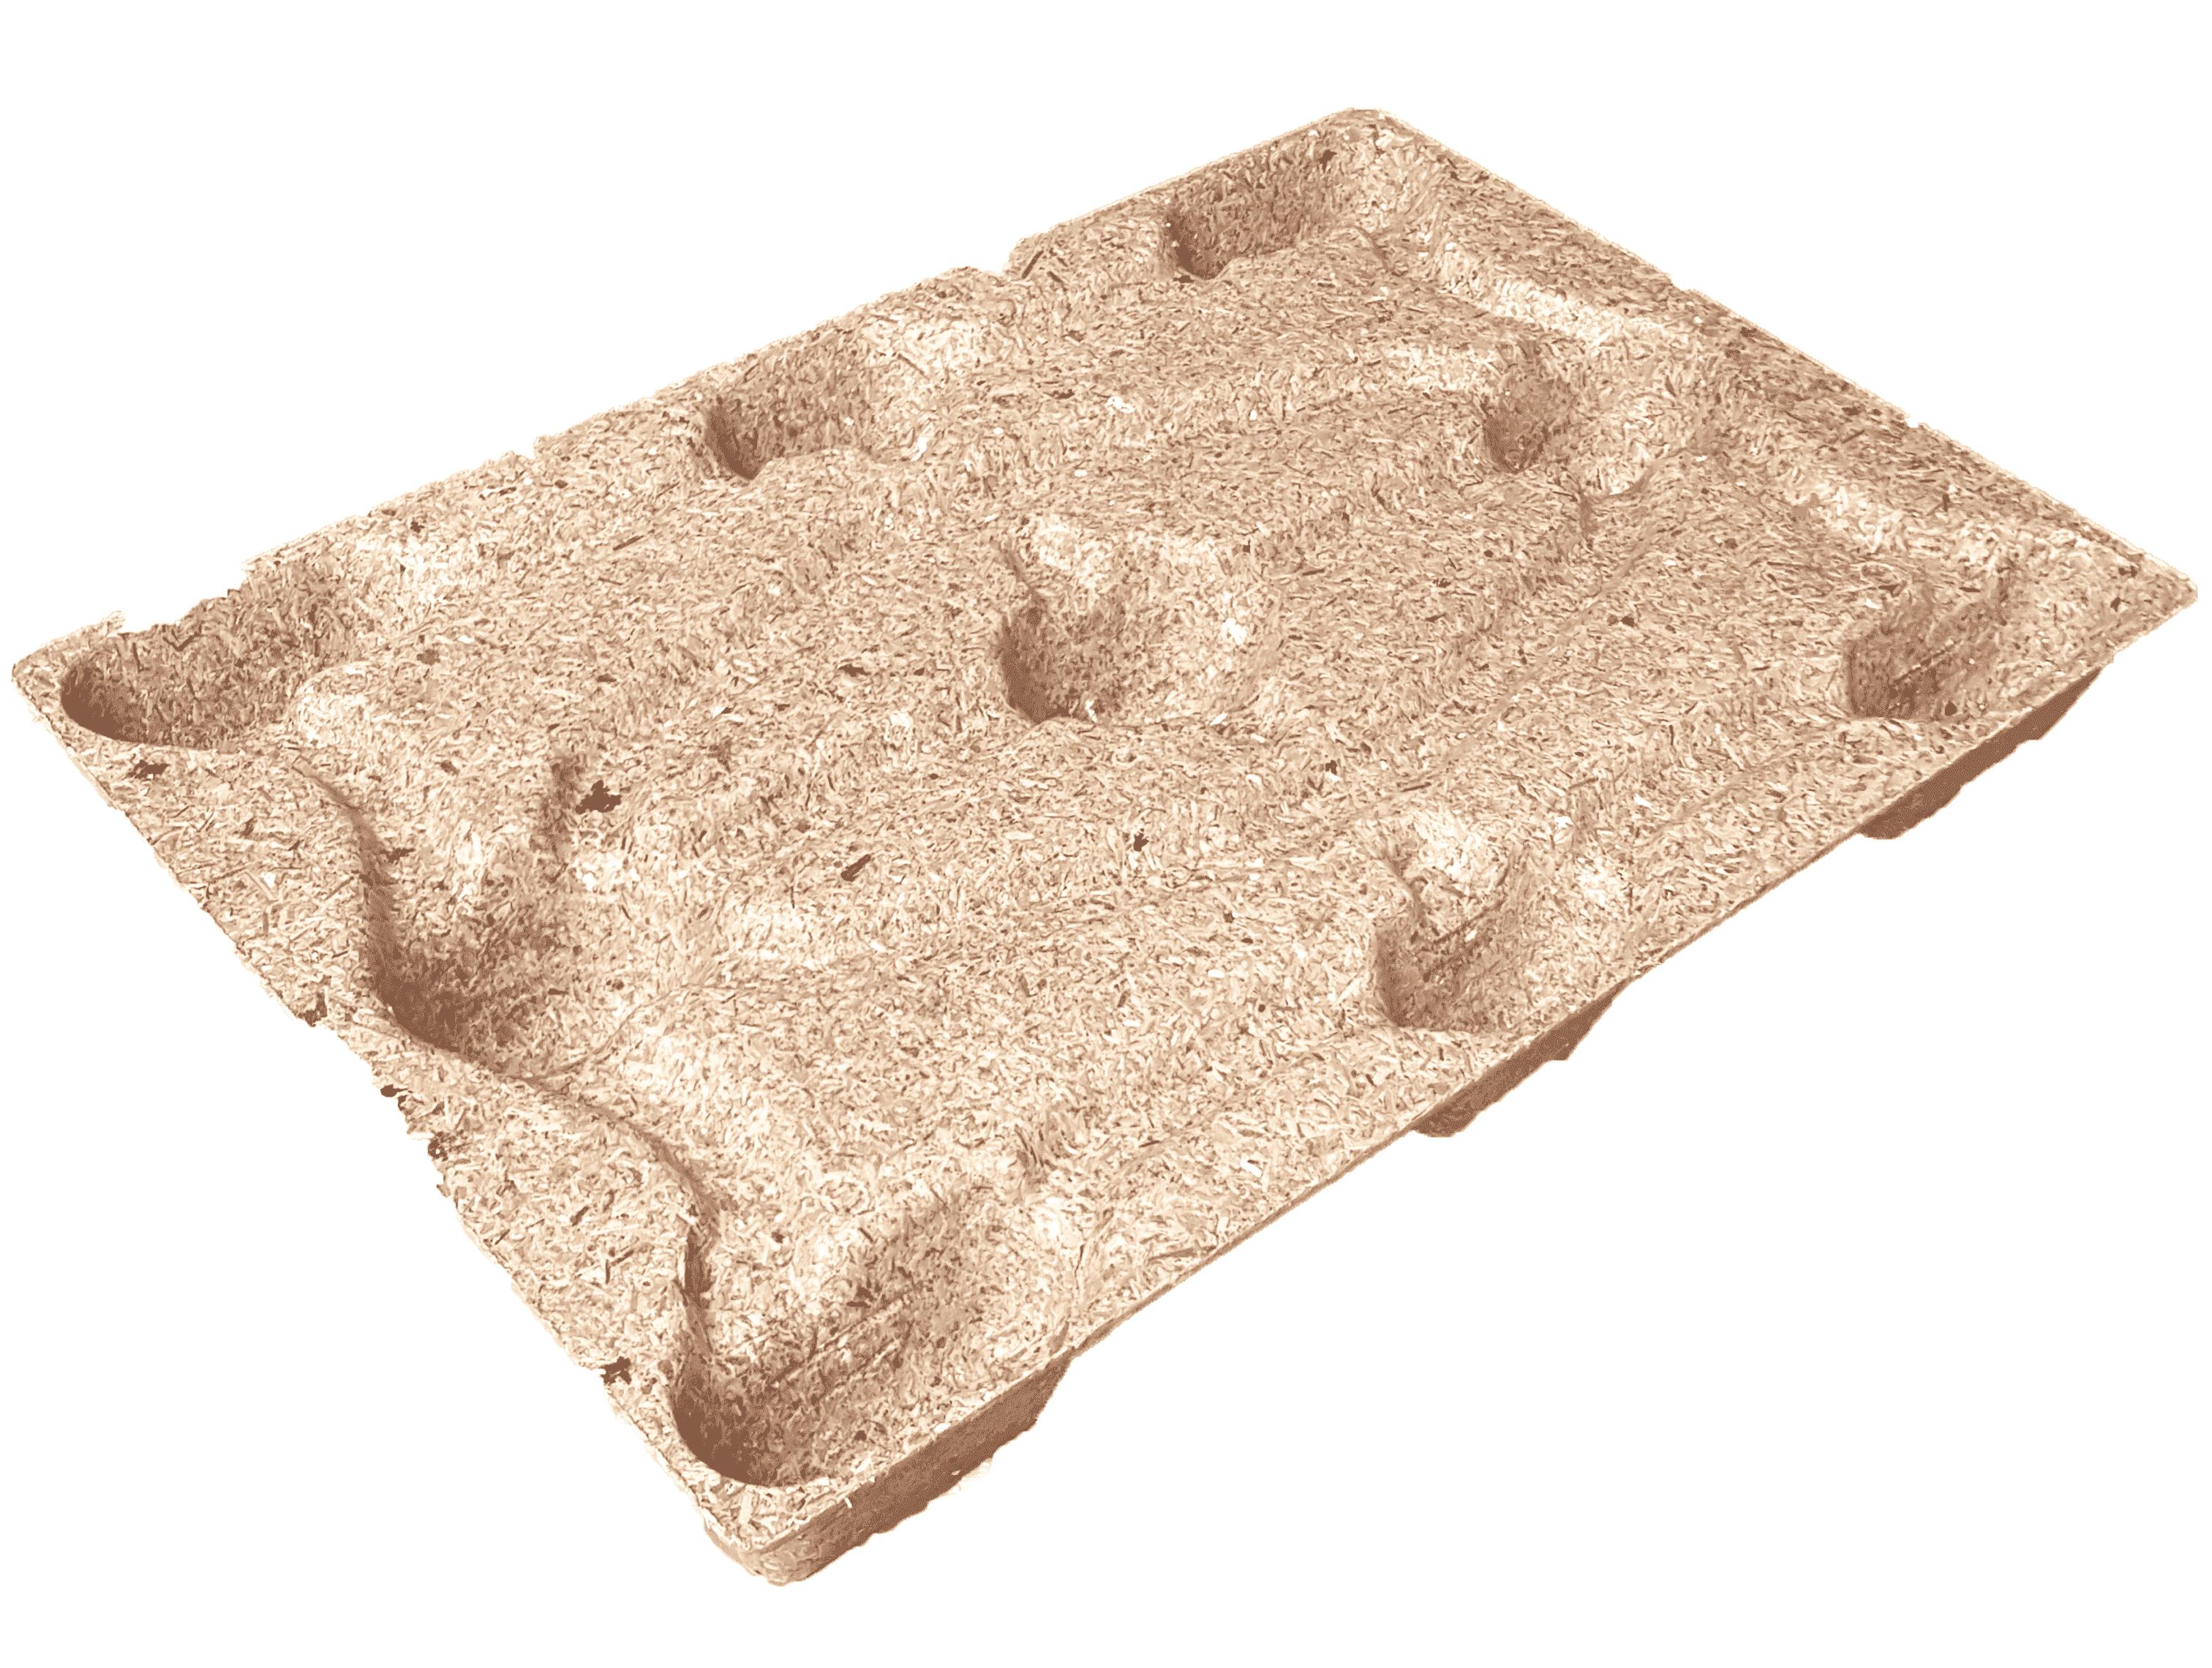 Geperste pallets - 800 x 1200mm